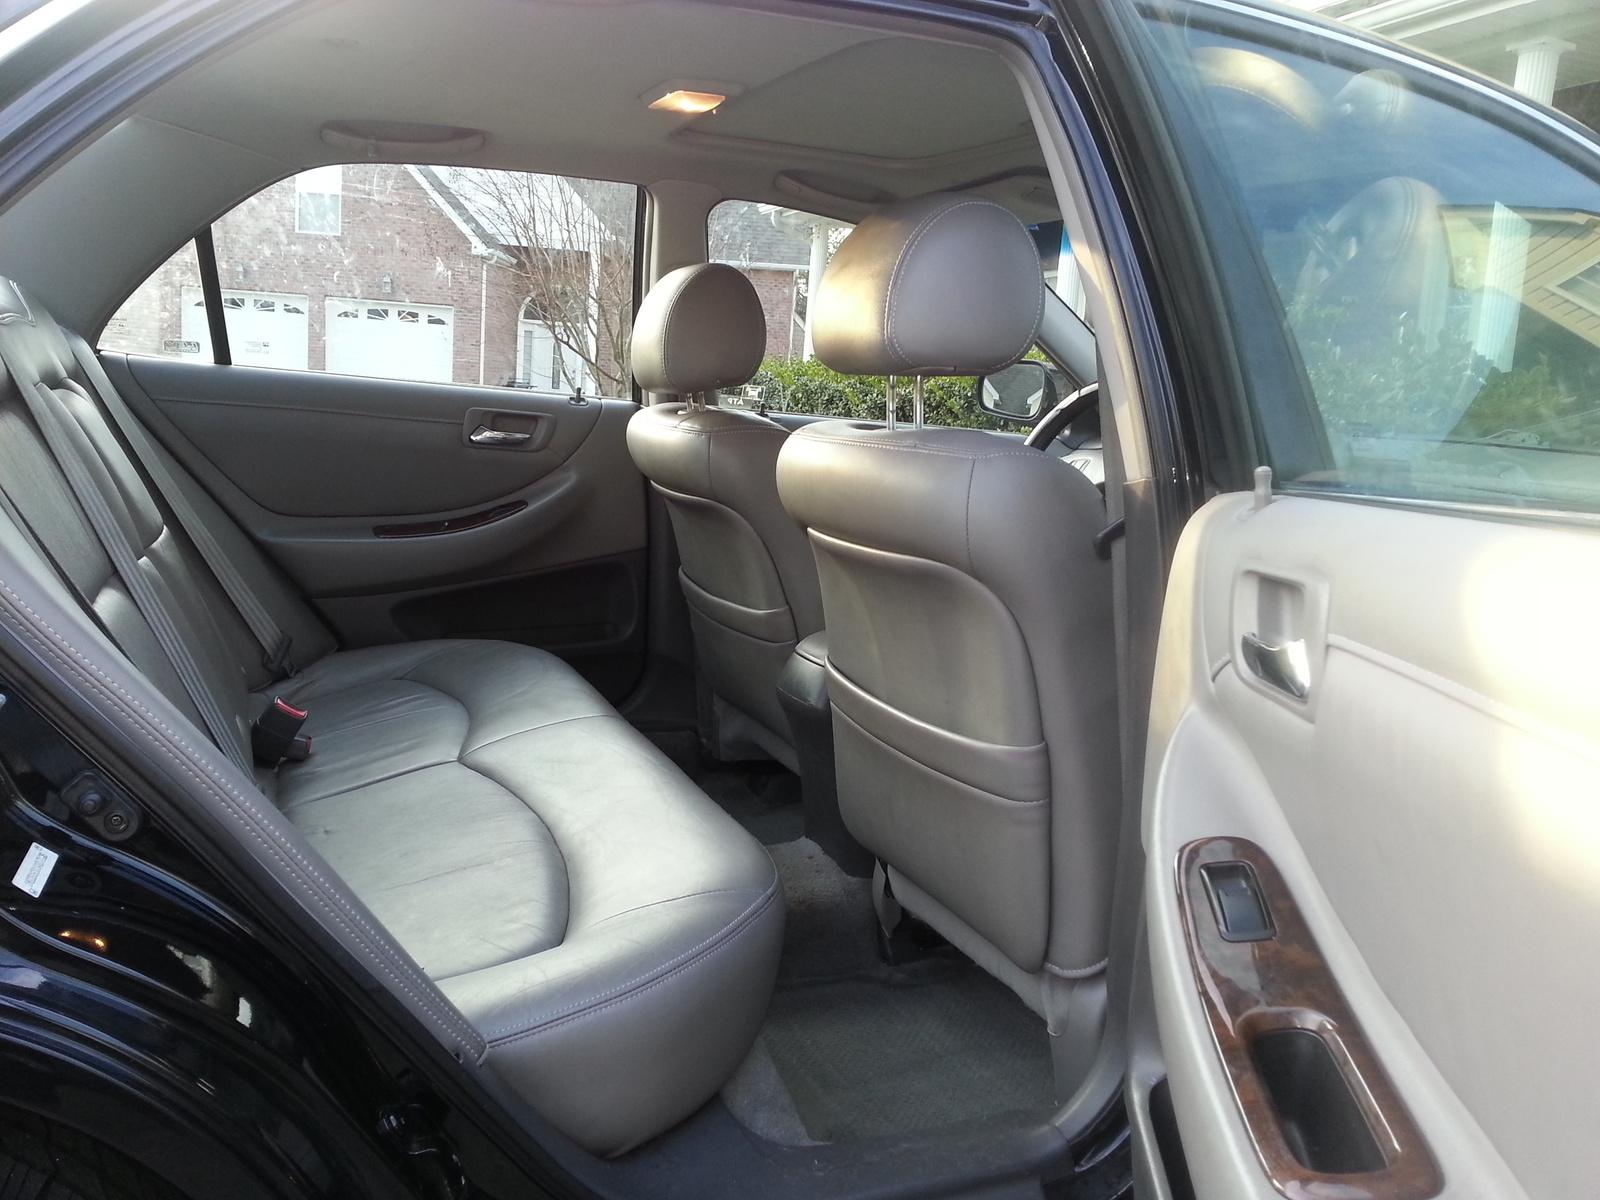 2001 Honda Accord Interior Pictures Cargurus